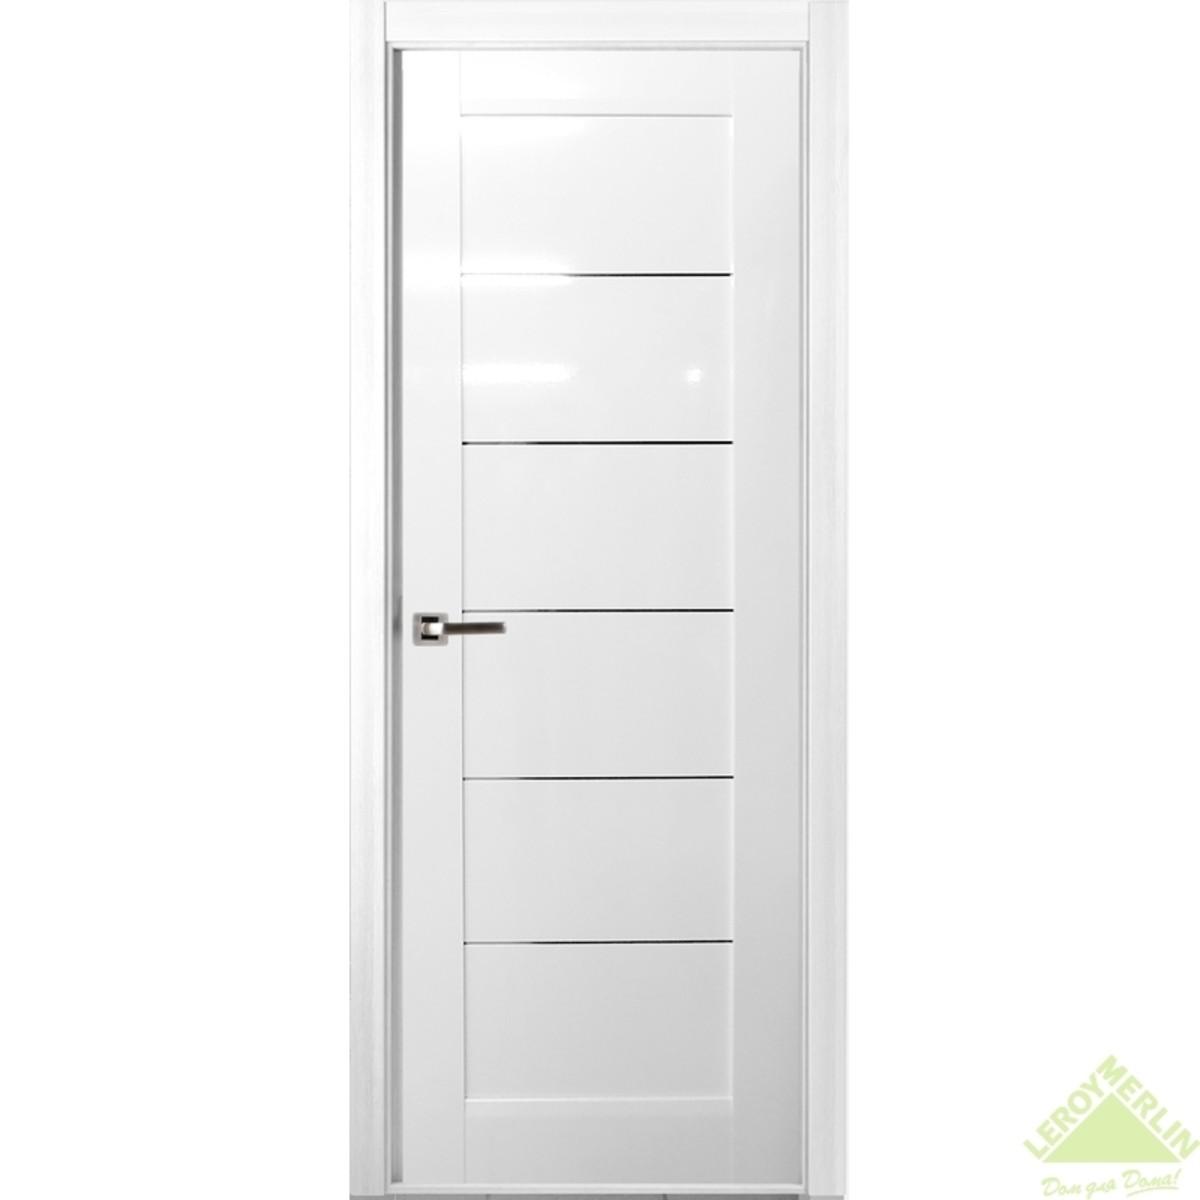 Дверь Межкомнатная Глухая Мирелла 900x2000 Искусственный Шпон Белый Глянец